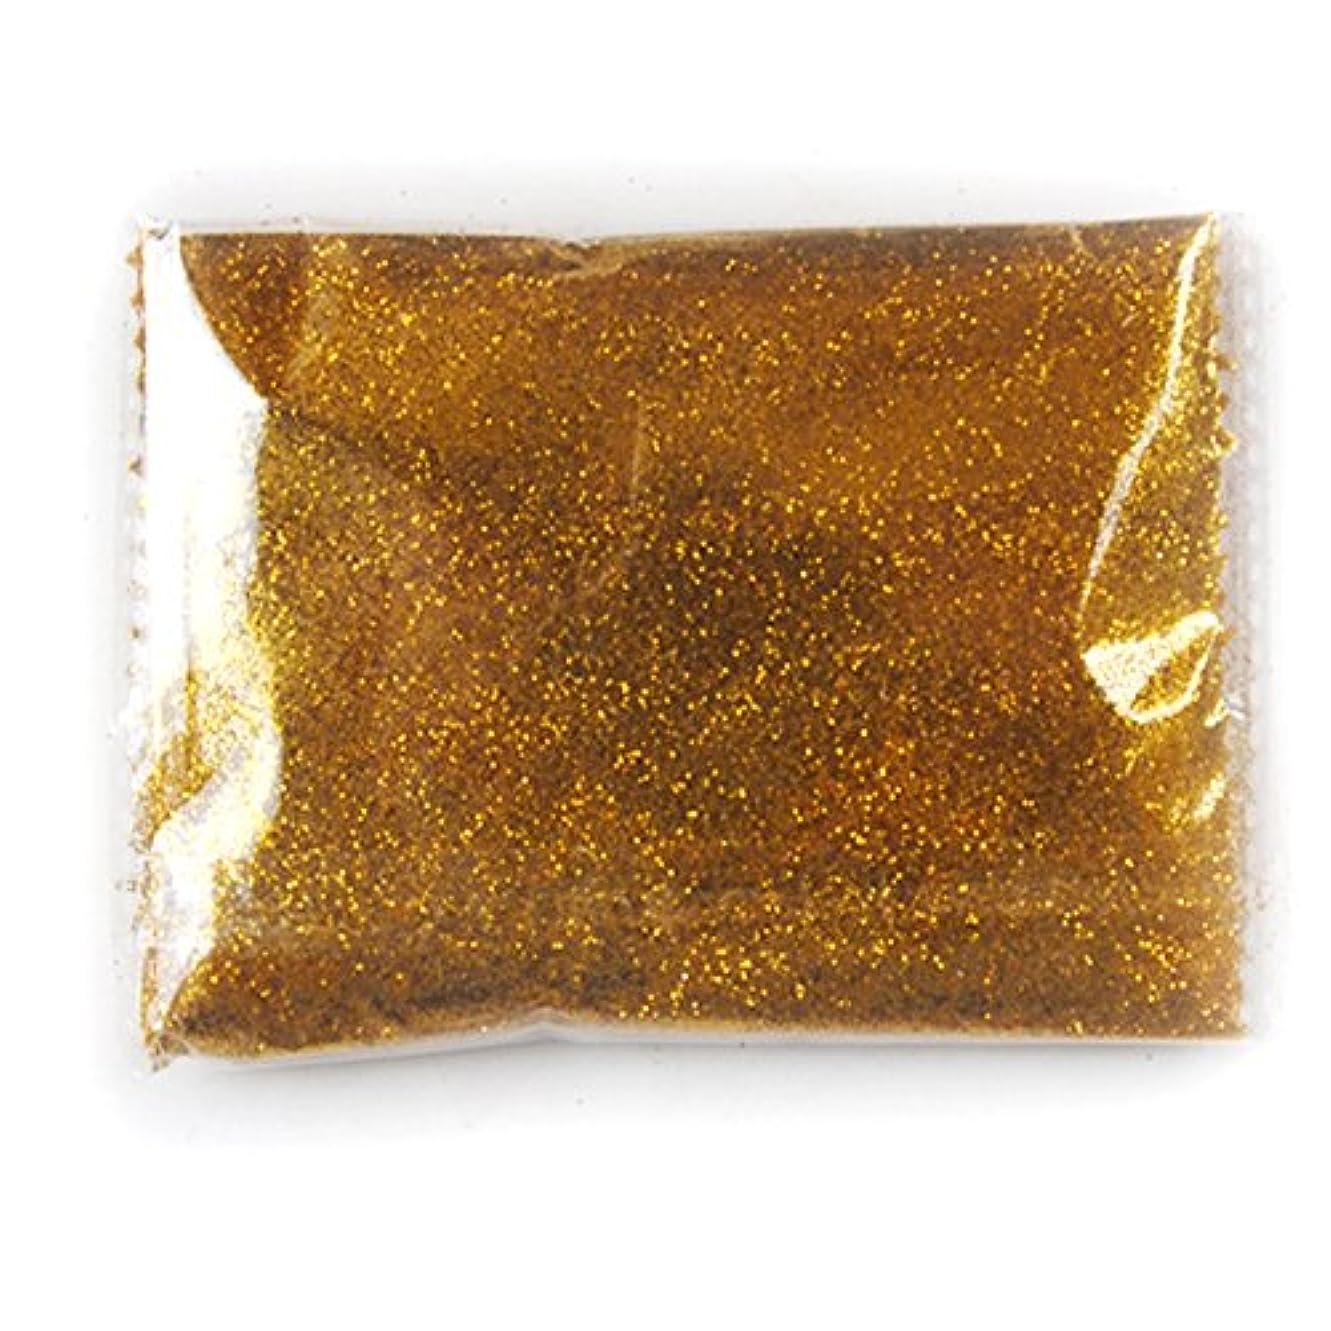 格差眼嬉しいです80g キラキラ アクリルカラーパウダー グリッター ラメパウダー ネイル レジン用 金色